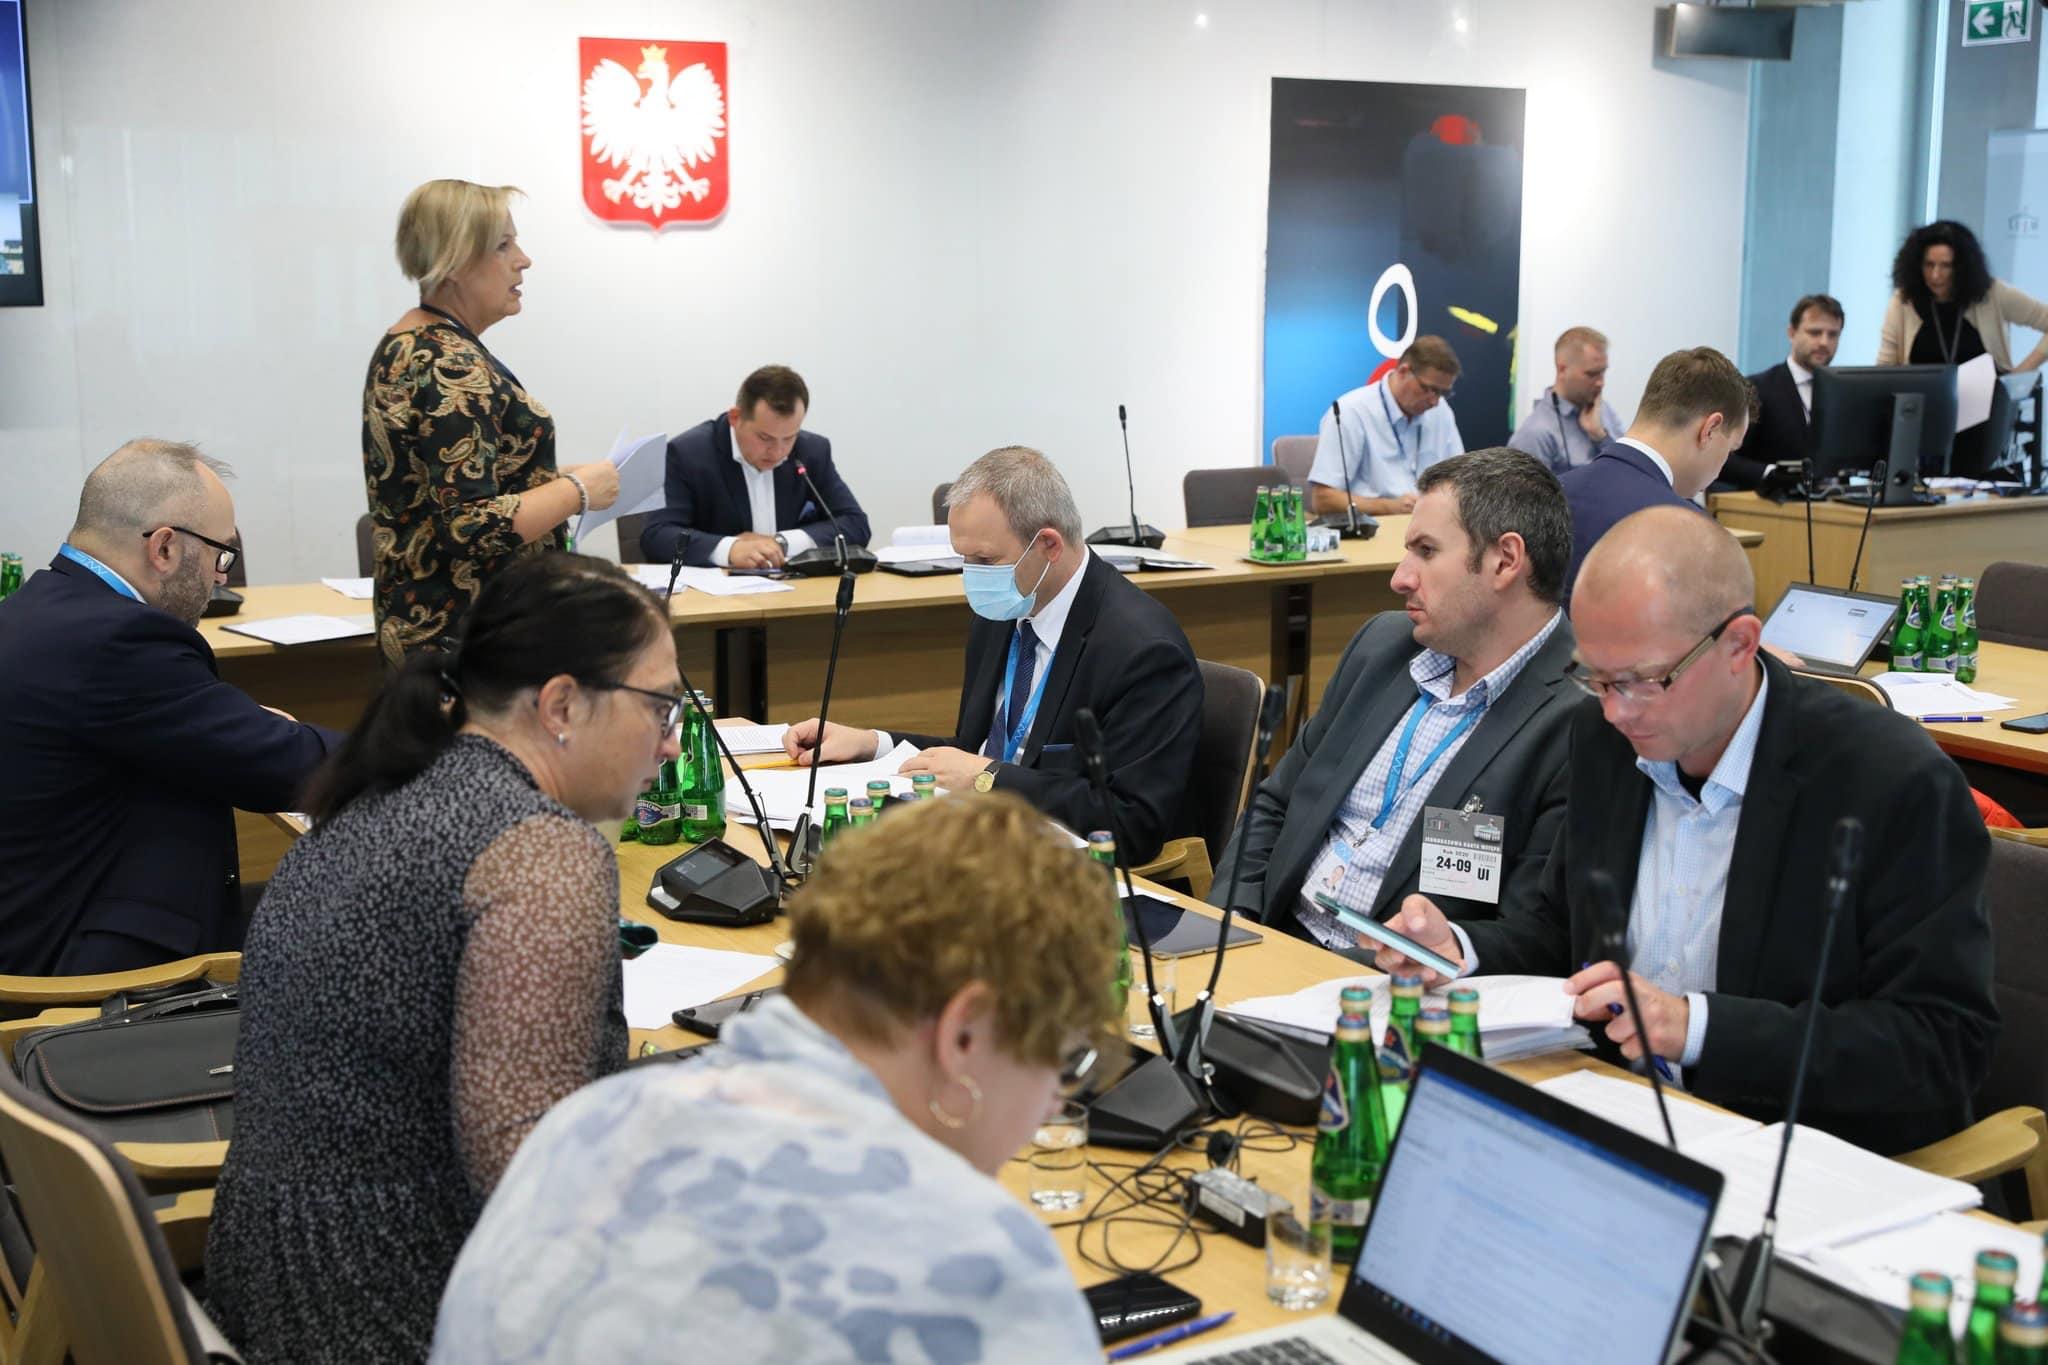 W trakcie posiedzenia odrzucono szereg poprawek, które mogły utrudnić walkę z patologiami na rynku aptecznym (fot. FB - Paweł Rychlik)